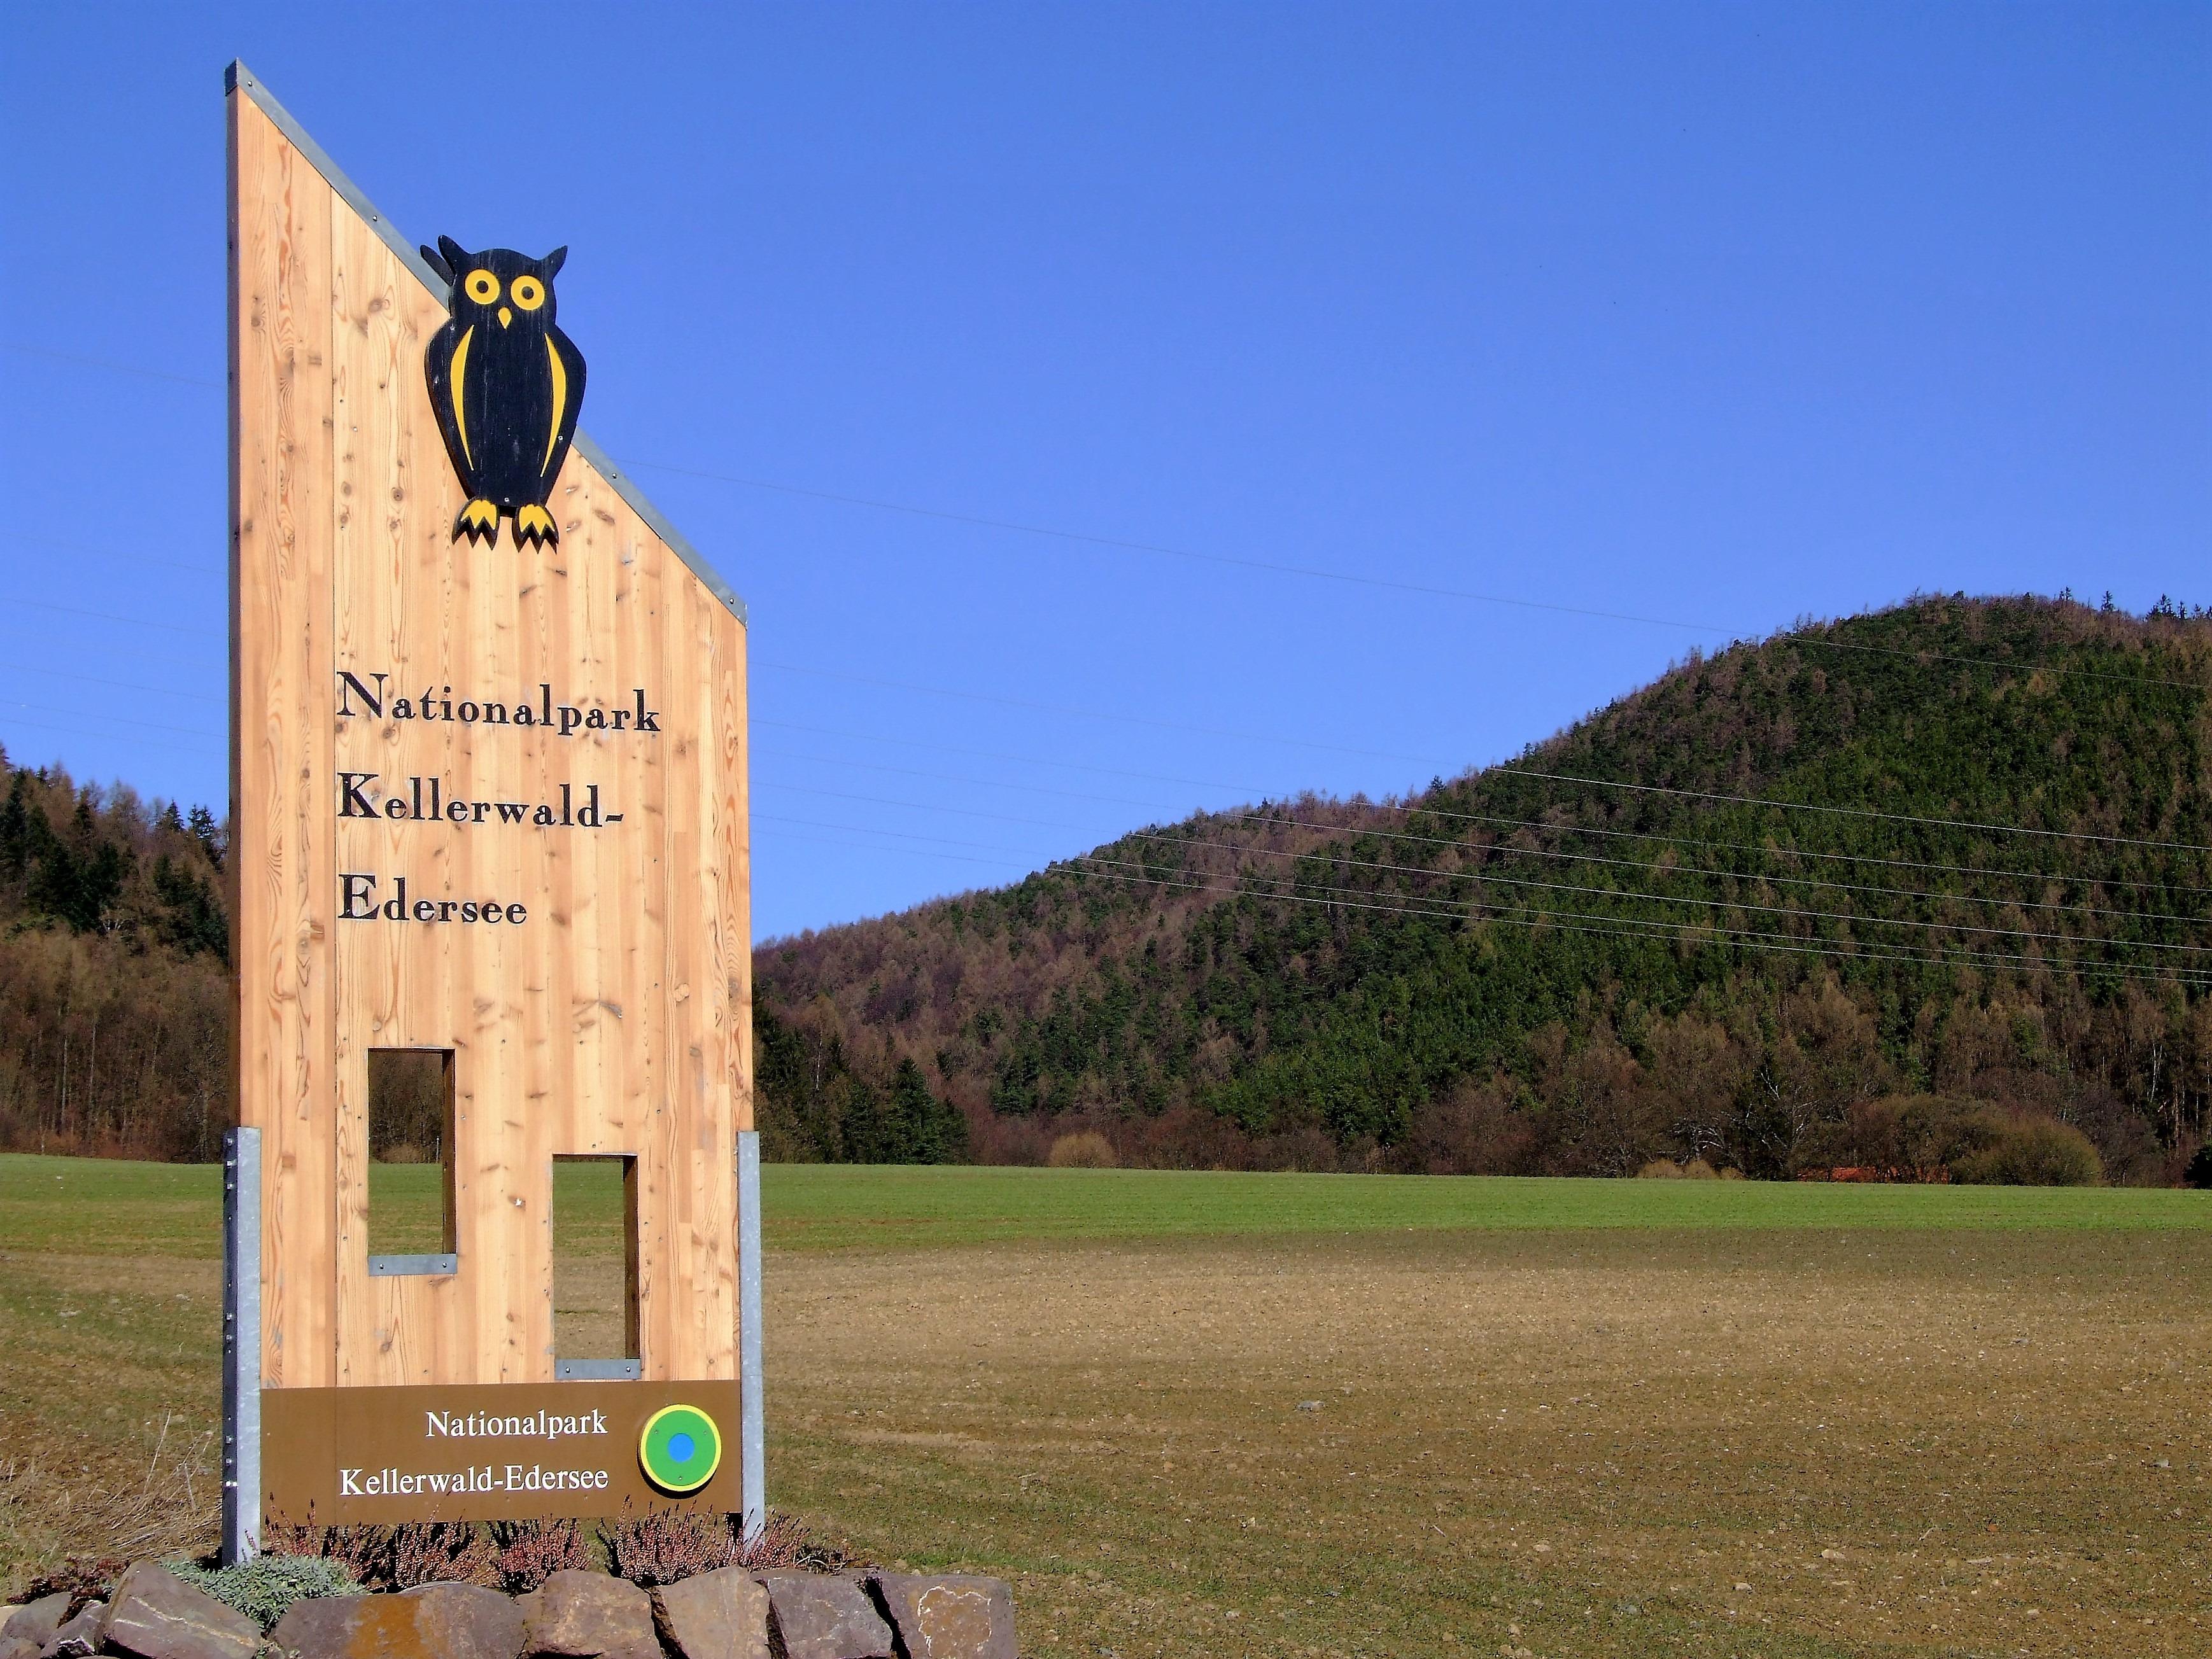 Nationalparktor am Ortsrand von Kleinern. (Foto: Uli Klein)